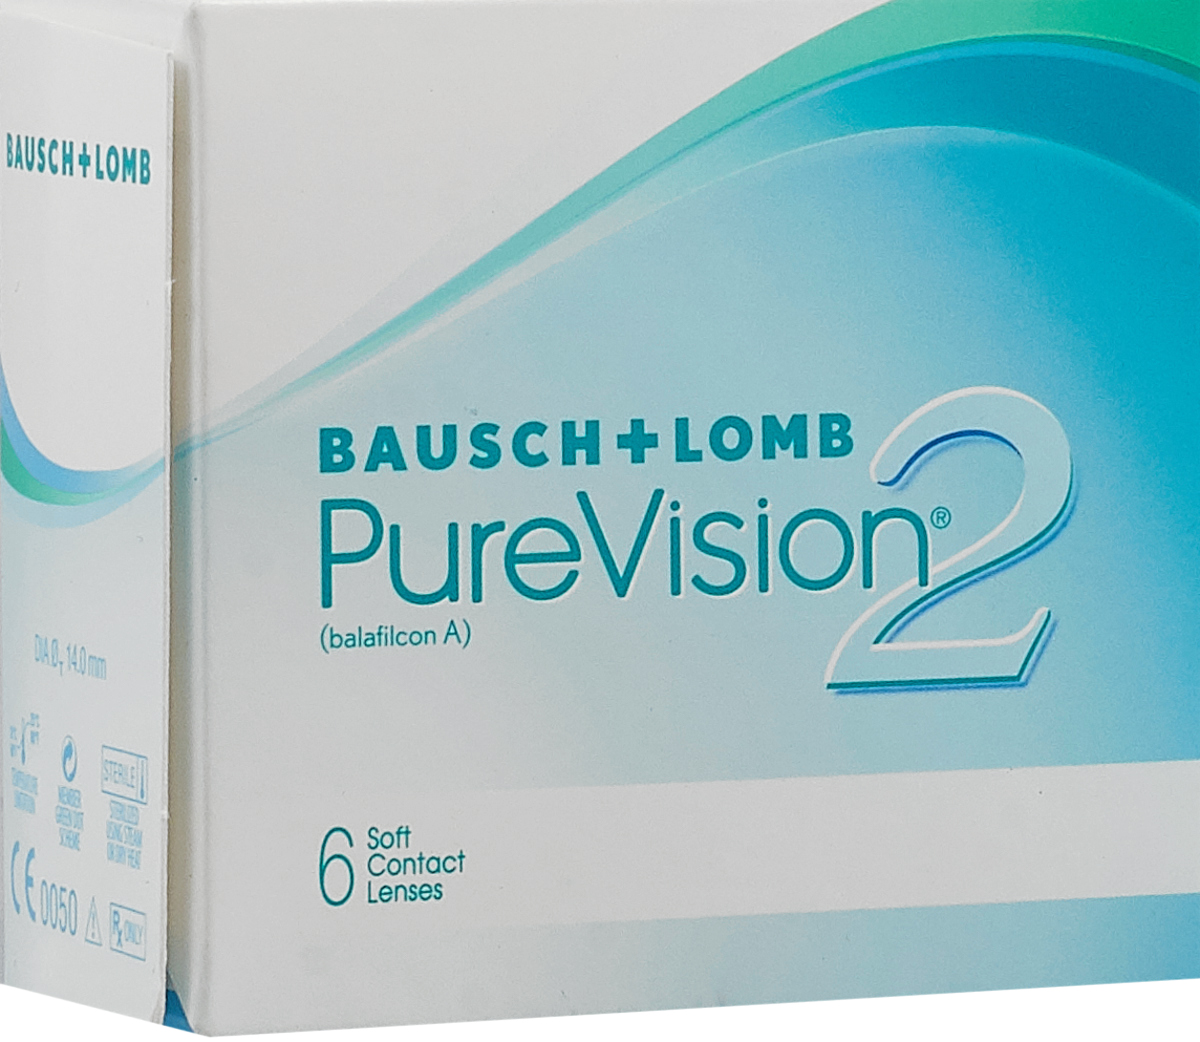 Bausch + Lomb контактные линзы Pure Vision 2 (6шт / 8.6 / - 1.25)38261Асферические контактные линзы Pure Vision 2 с высокой оптической четкостью создавались, чтобы производить коррекцию сферическойаберрации, что позволит добиться великолепной четкости зрения. Сферическая аберрация может стать причиной понижения остроты зрения,особенно в условии плохой освещенности, что может привести к ухудшению зрения и засвету. Так же, используя оптику High Definition, выобретете четкое и хорошее зрение, особенно в условии плохой видимости.Данная линза - наиболее тонкая, представленная в настоящее время на рынке. Она имеет тончайший закругленный край, что дает возможностьабсолютно не ощущать их при ношении. Комфортное ношение обеспечивается при помощи технологии ComfortMoist. Представленные линзыупаковывают в блистер с уникальным раствором, который хорошо увлажняет линзу, обеспечивая максимально возможное комфортное ношение.Замена через 1 месяц. Характеристики:Материал: балафилкон А. Кривизна: 8.6. Оптическая сила: - 1.25. Содержание воды: 36%.Диаметр: 14 мм. Количество линз: 6 шт. Размер упаковки: 7,5 см х 7 см х 4 см. Производитель: США.Товар сертифицирован.Уважаемые клиенты! Обращаем ваше внимание на то, что упаковка может иметь несколько видов дизайна. Поставка осуществляется взависимости от наличия на складе.Контактные линзы или очки: советы офтальмологов. Статья OZON Гид